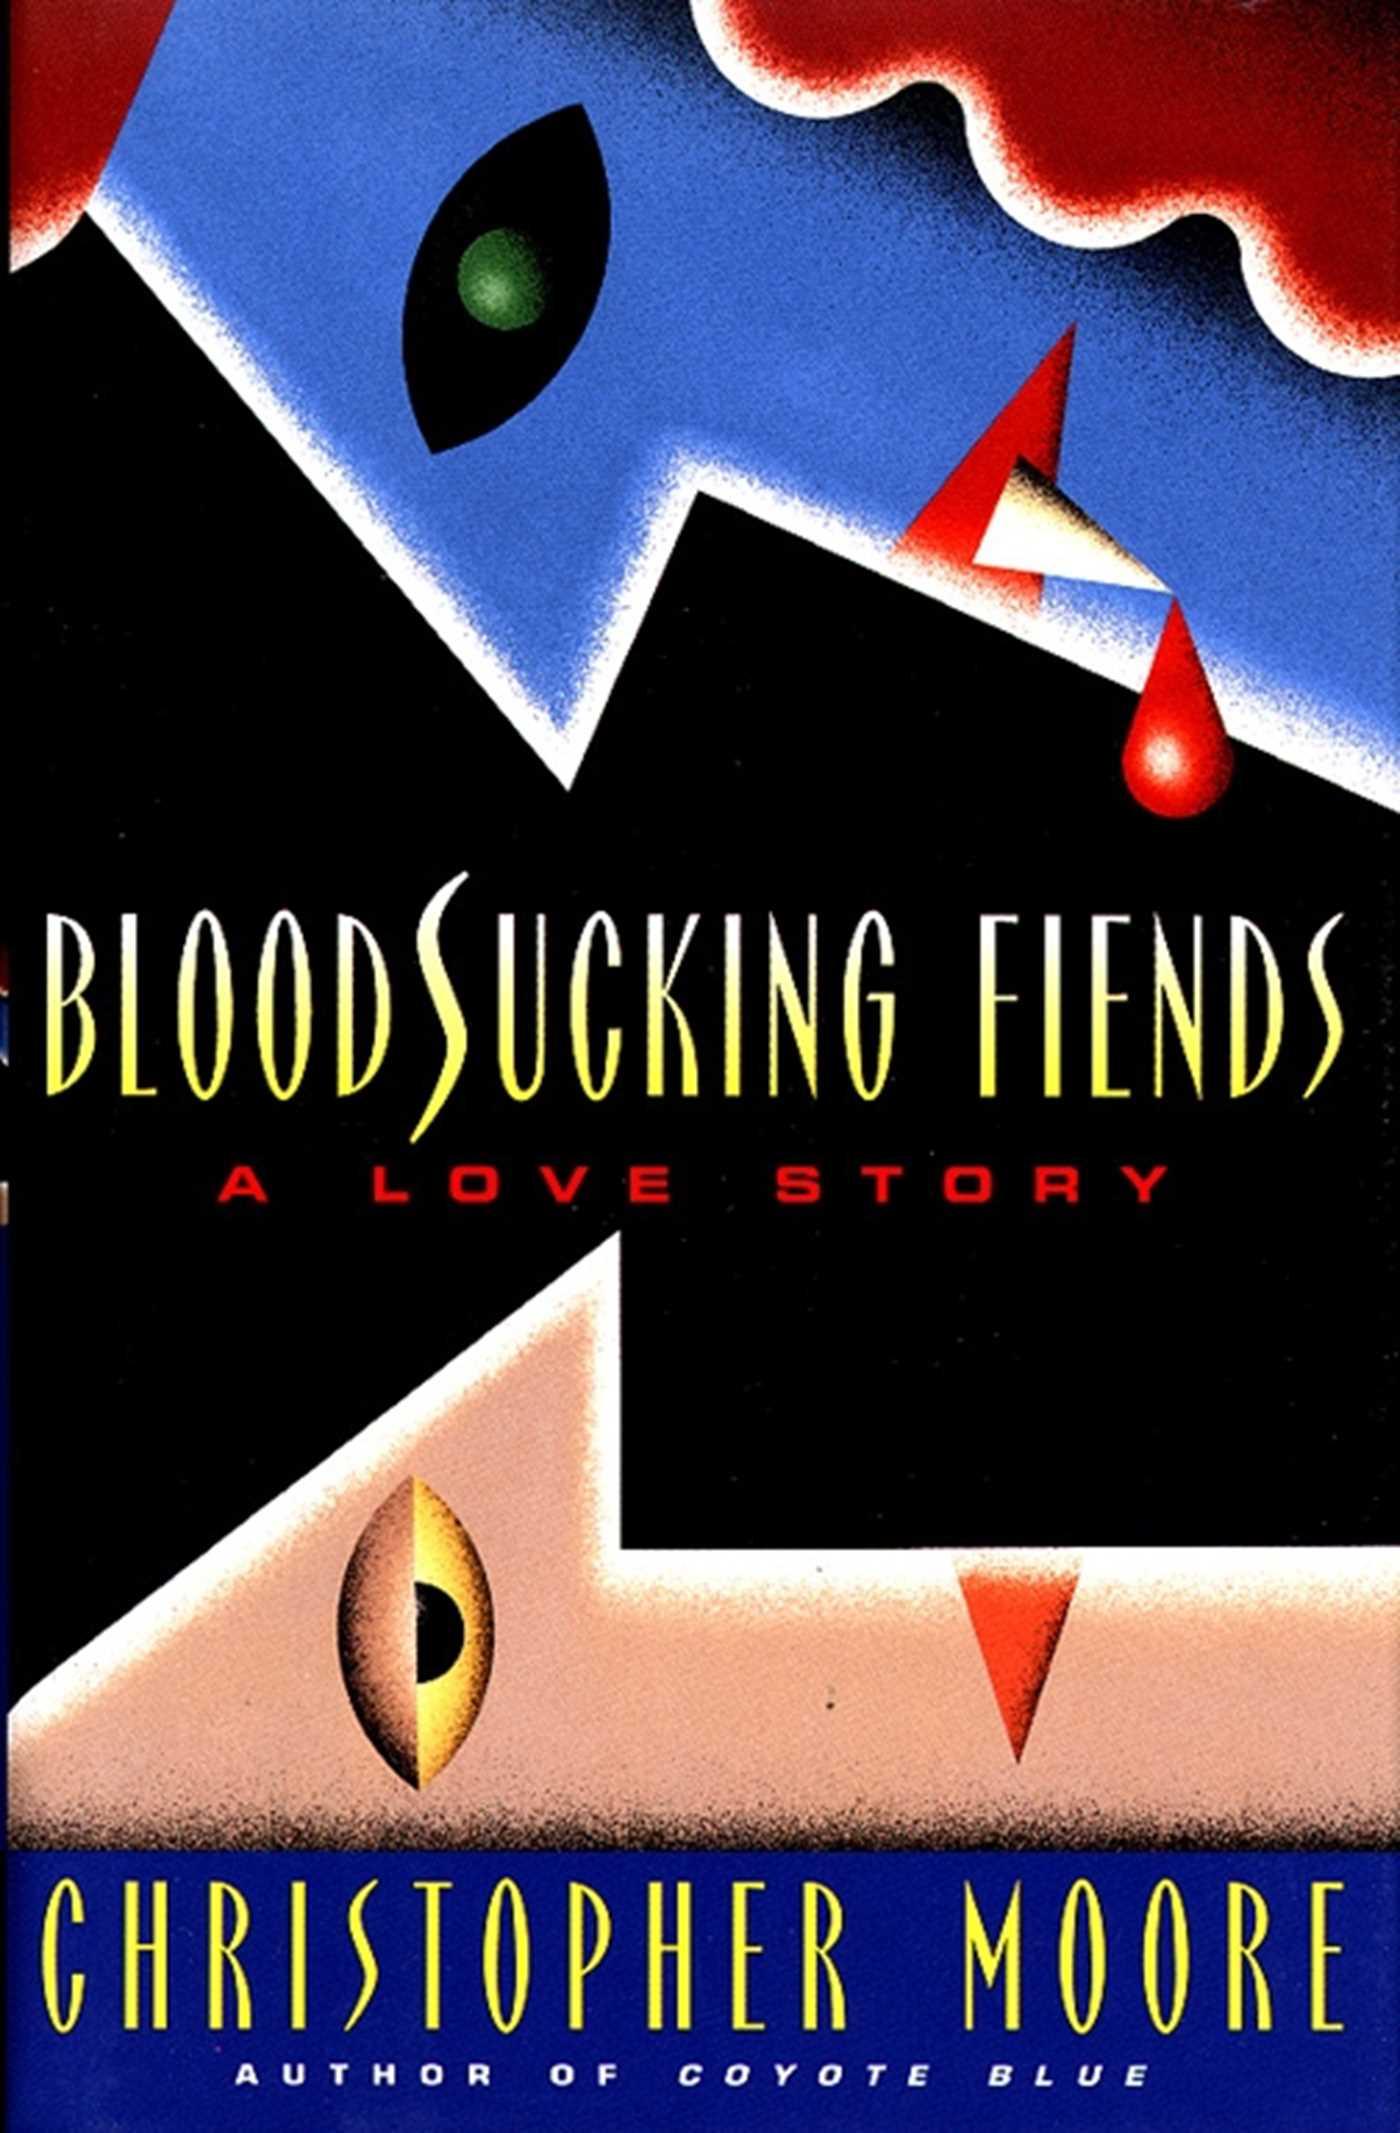 Bloodsucking fiends 9781439191491 hr